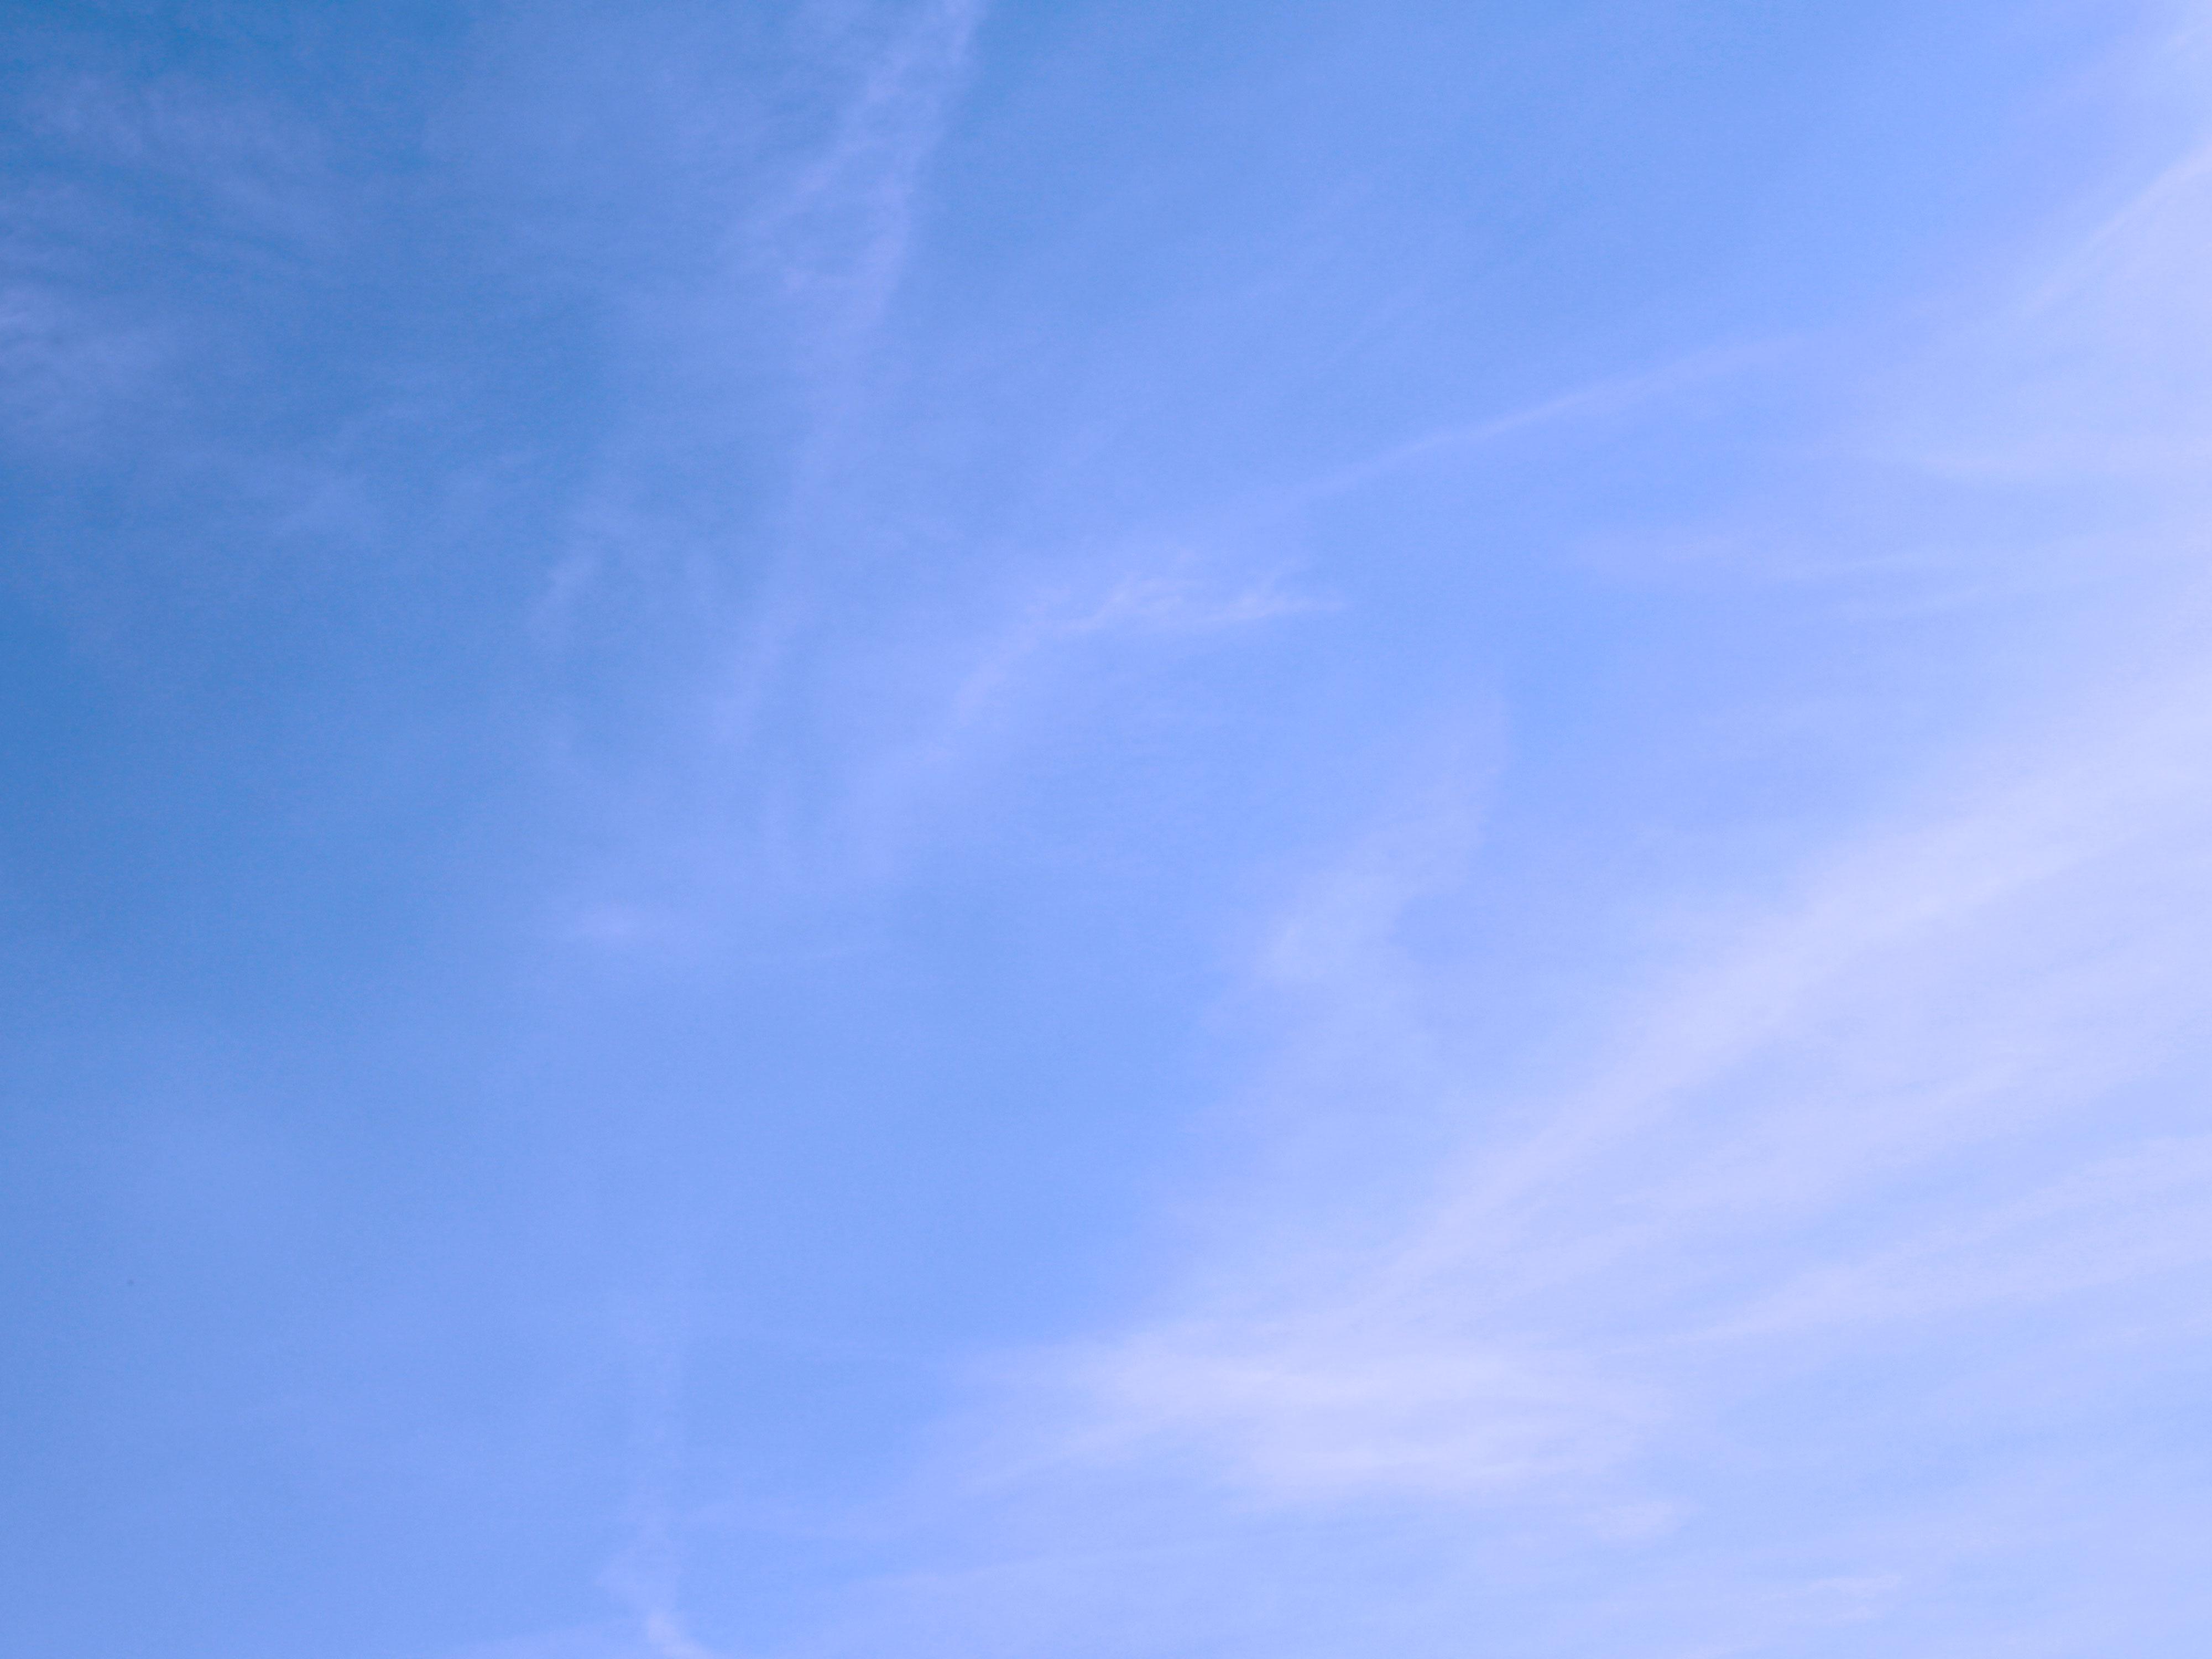 Himmel Wolken Texturen - Hintergrundbilder - kostenlos und lizenzfrei